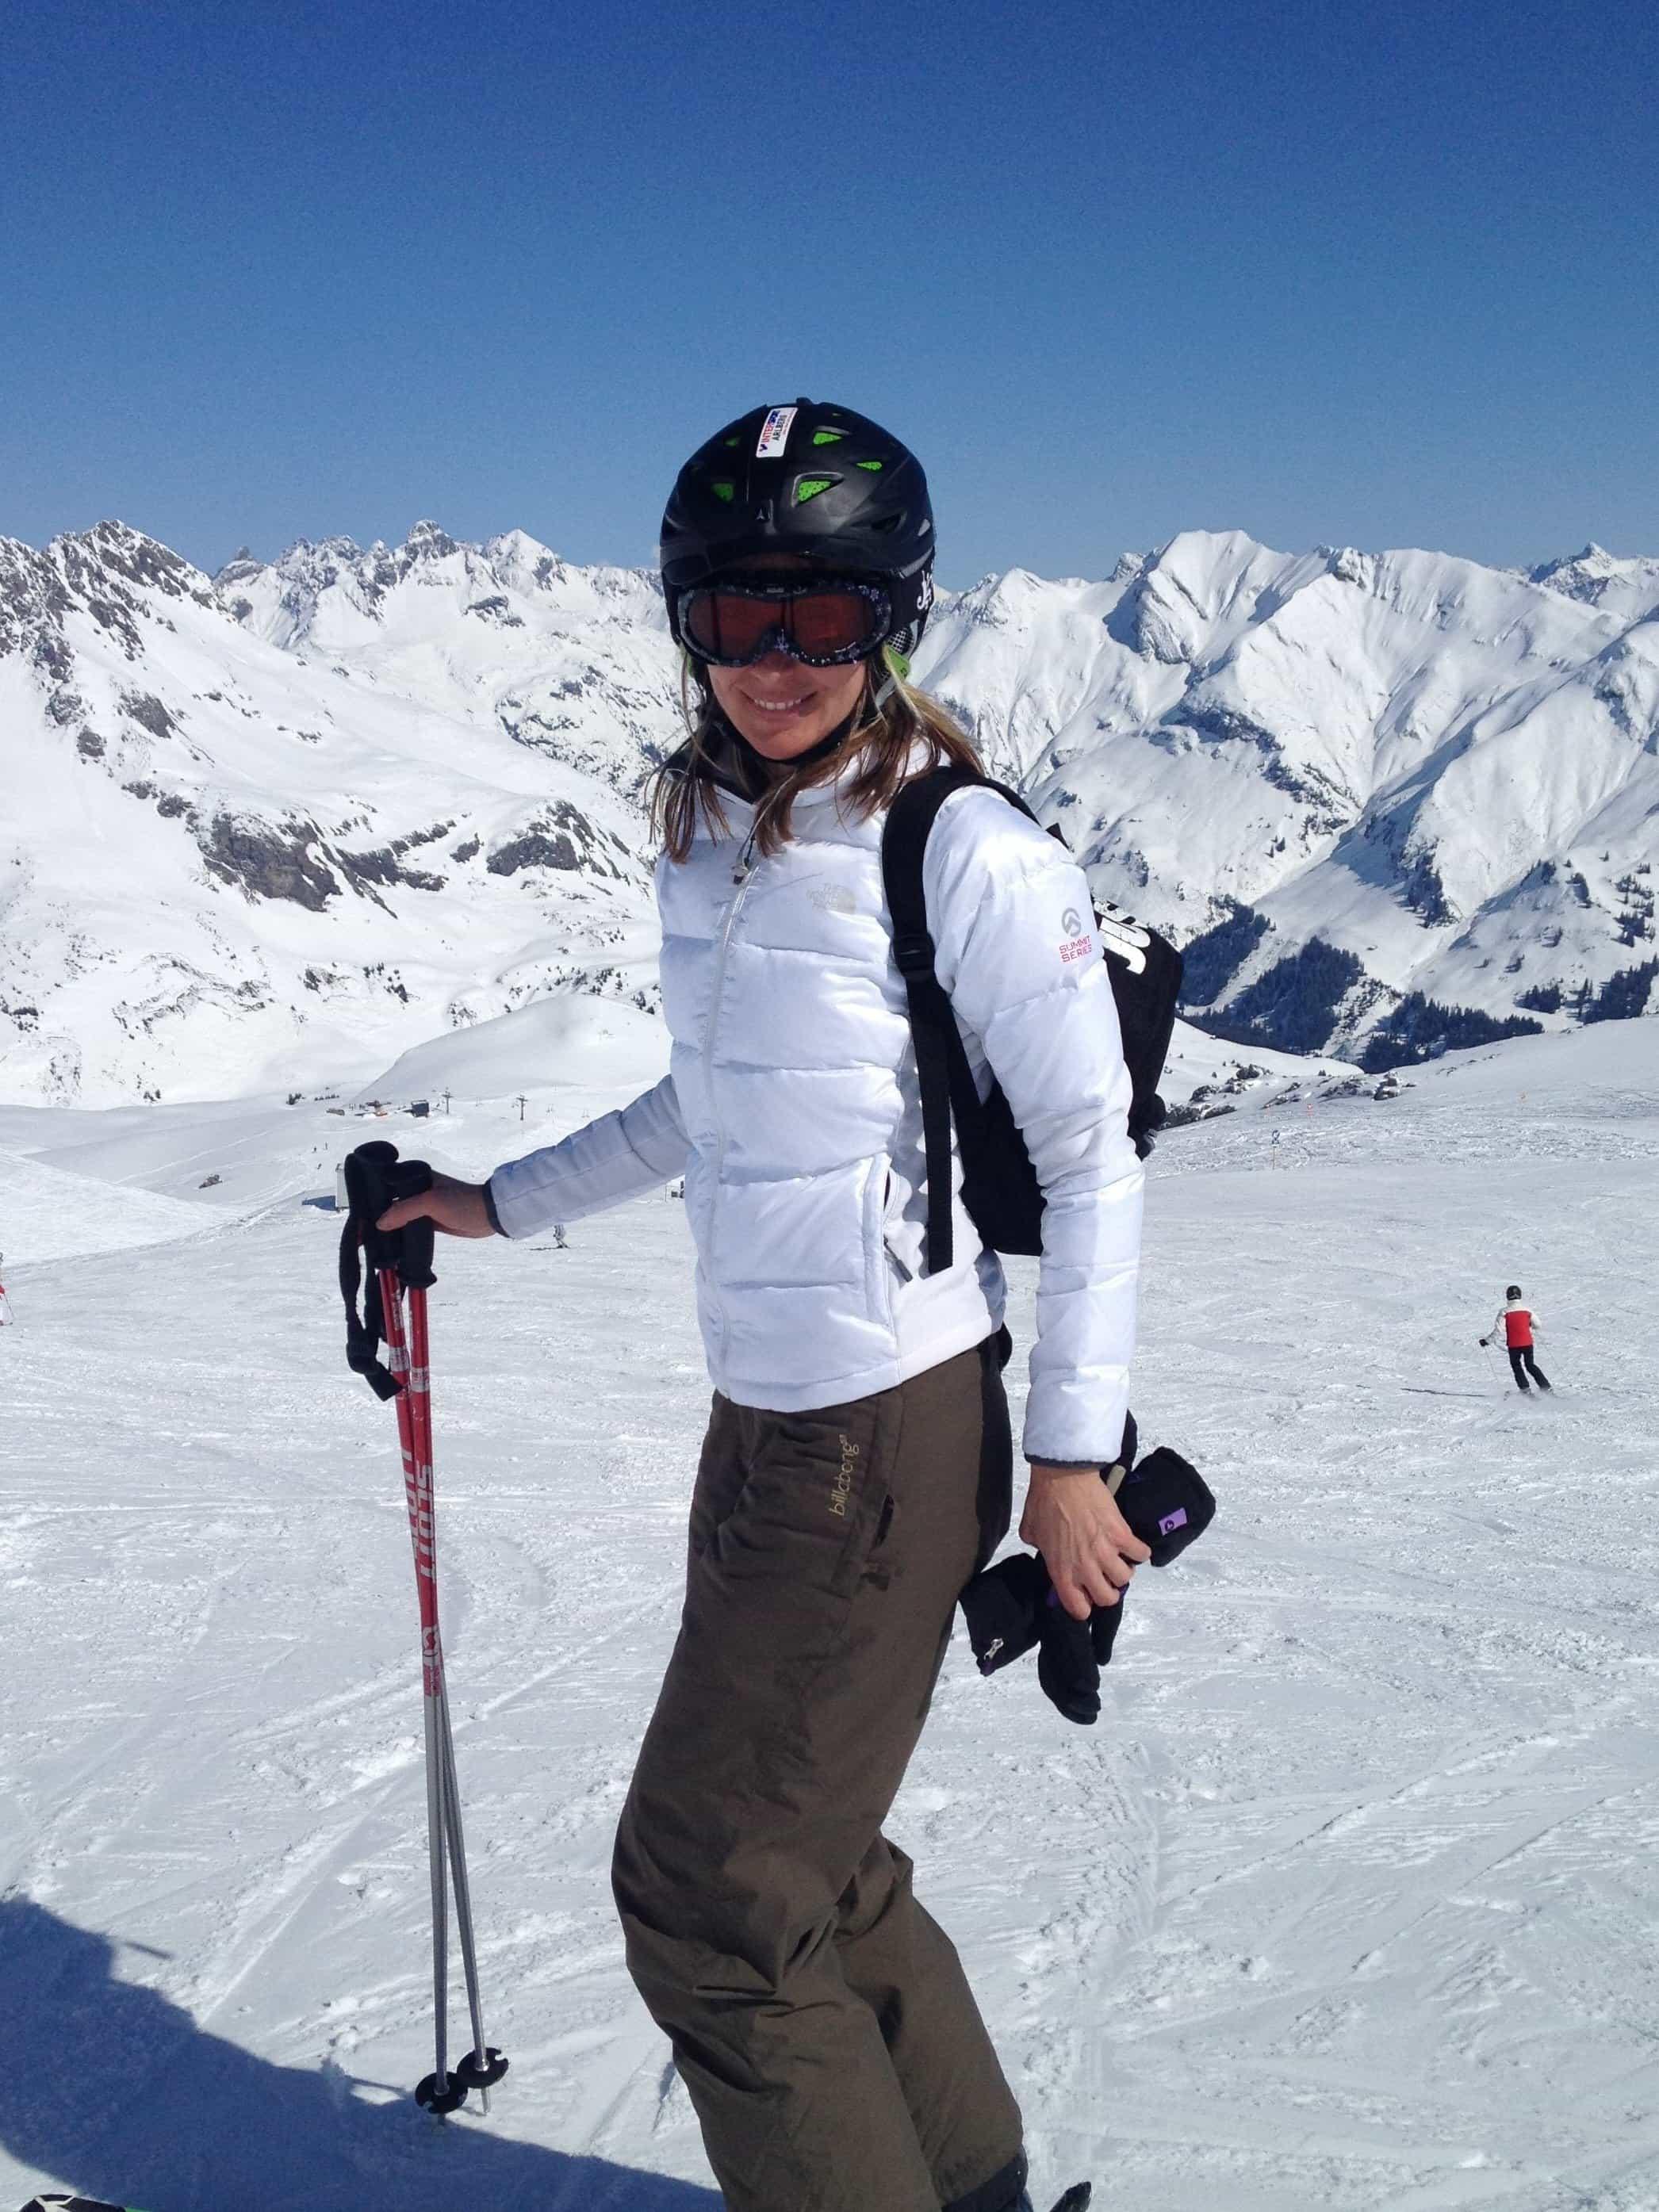 Kostenlose Bild: Schnee, Winter, Skifahrer, Eis, Sport ...